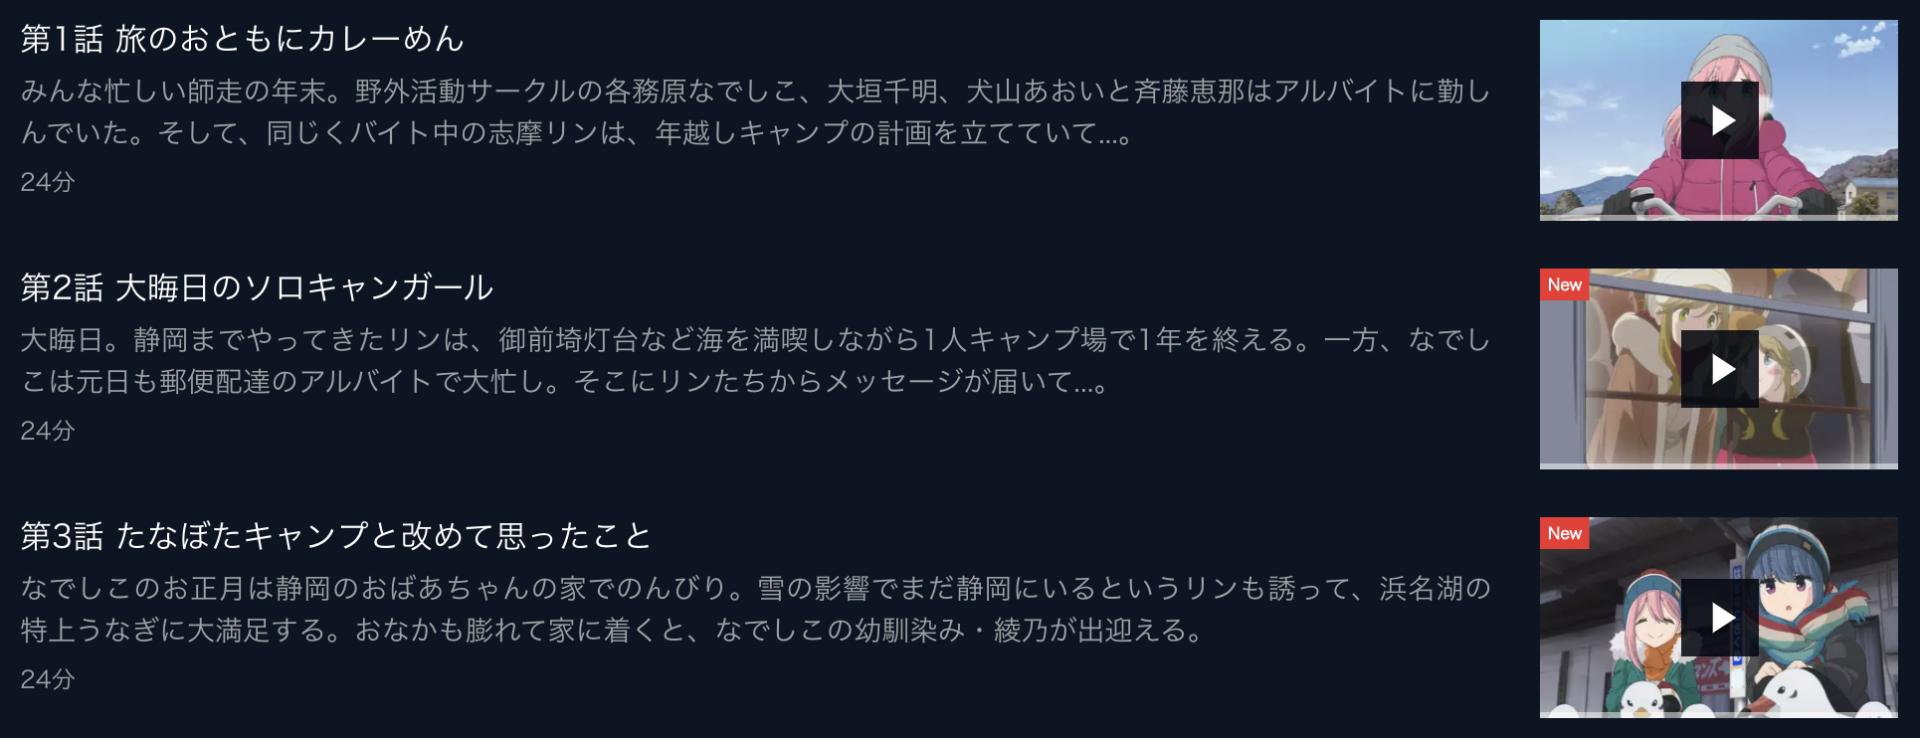 ゆるキャンアニメ